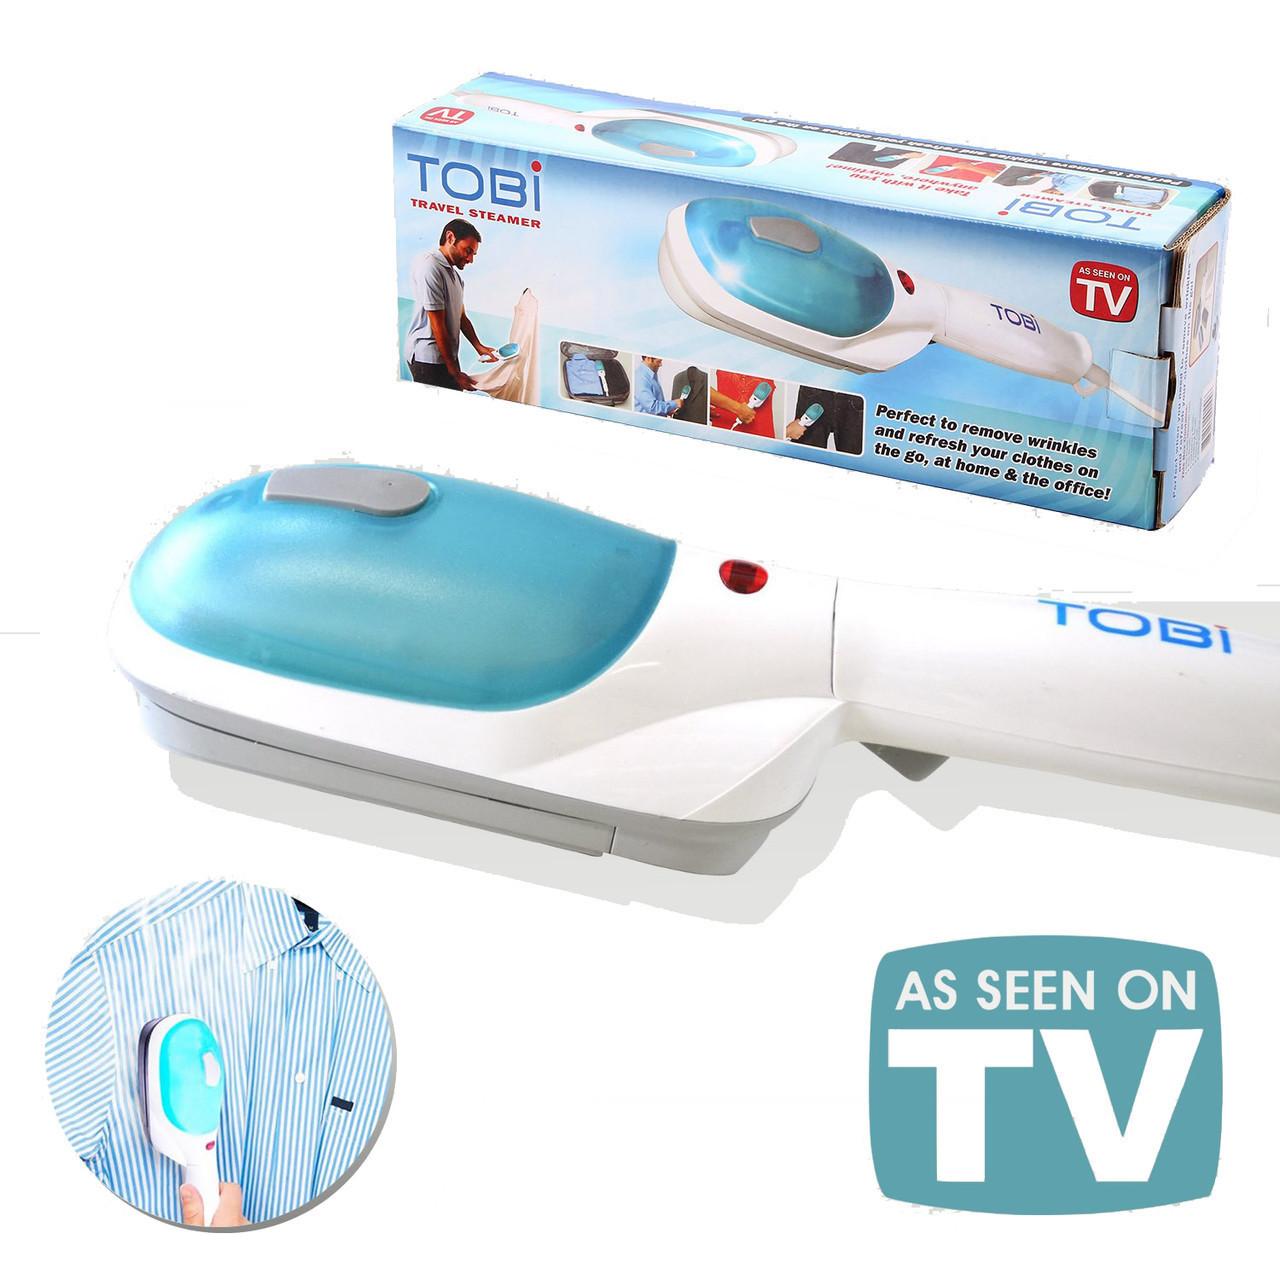 Ручной отпариватель для одежды TOBI Travel Steamer bcb1a748f8a19